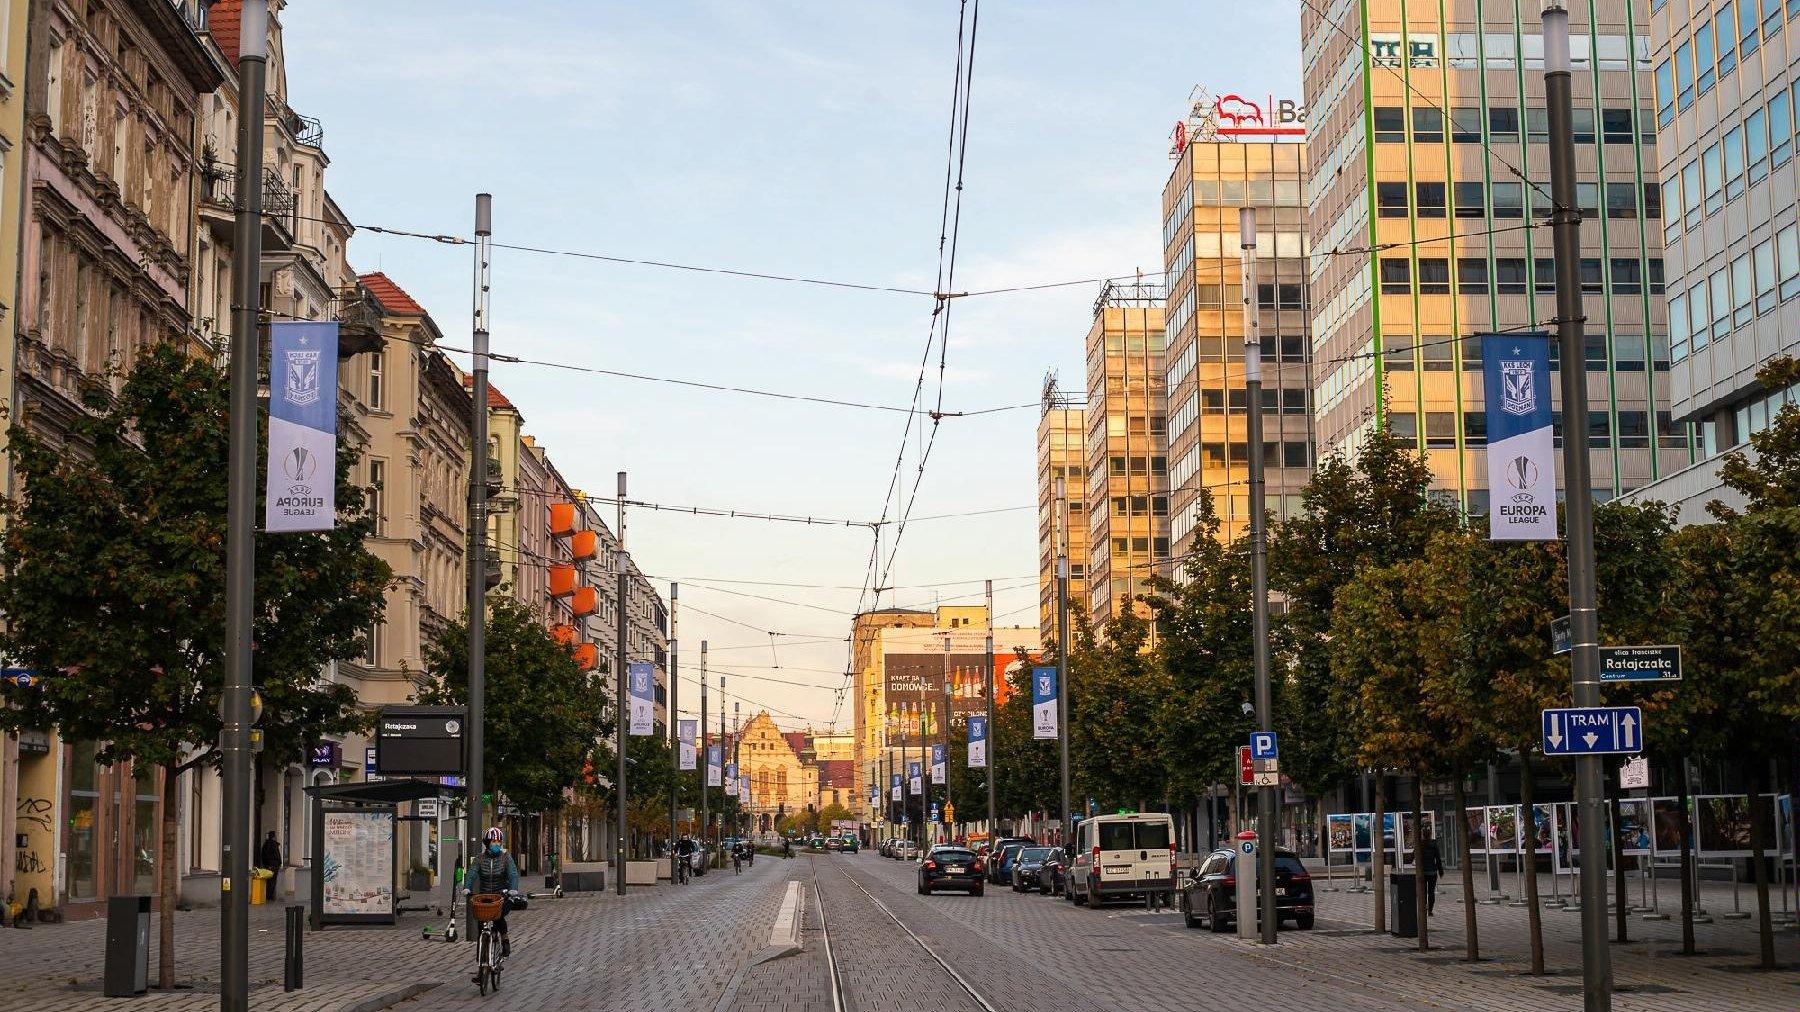 Ulica Św. Marcin z flagami Lecha Poznań - grafika artykułu